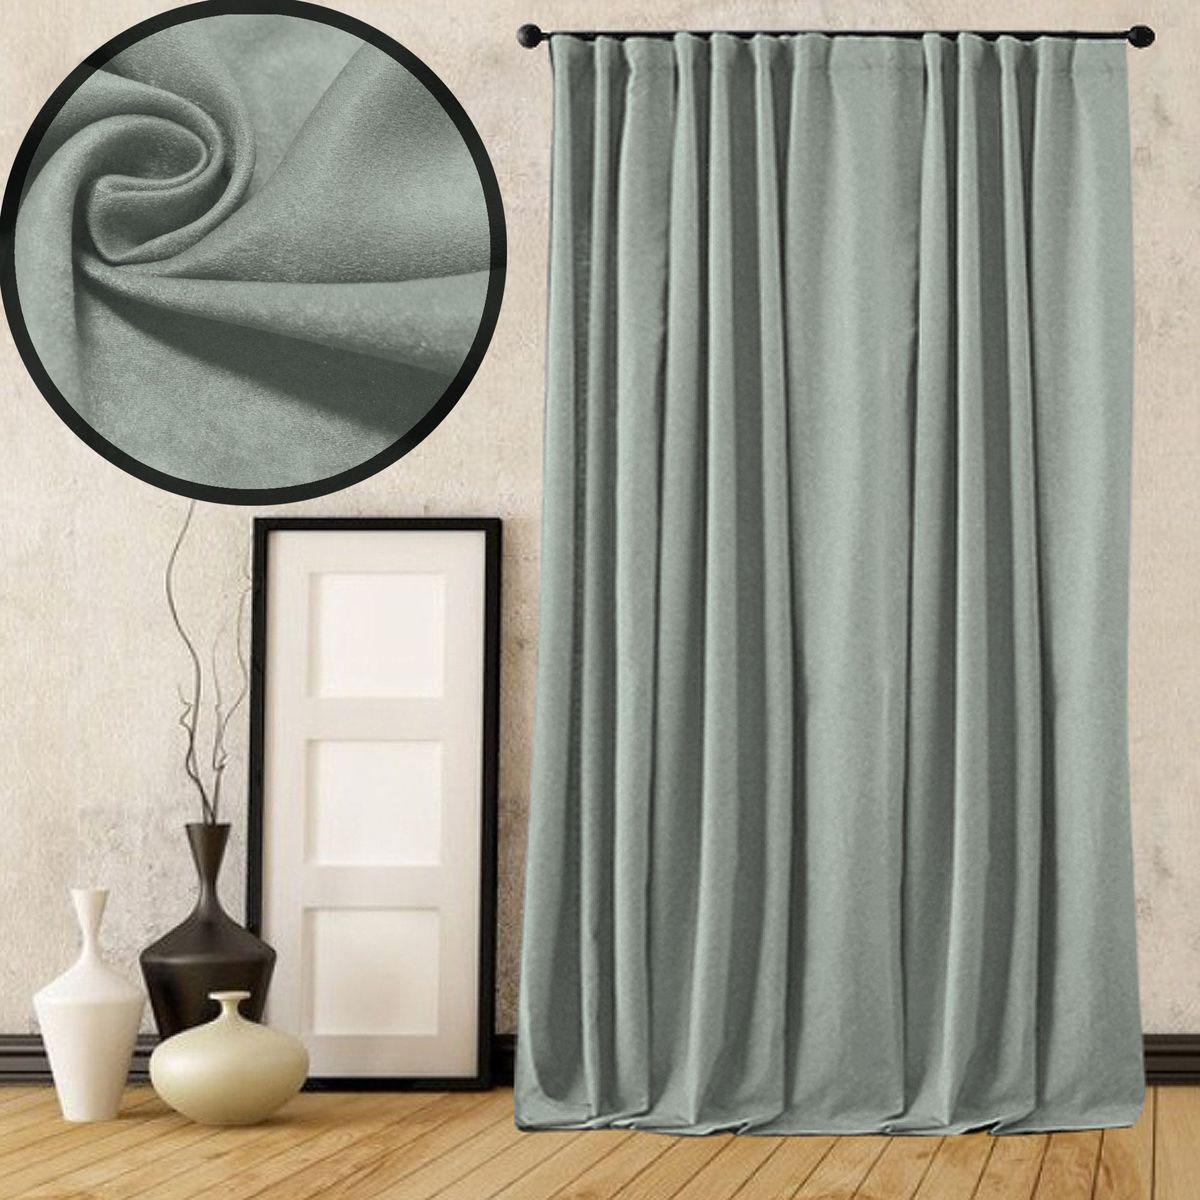 Портьера Amore Mio, 200 х 270 см, 1 шт., цвет: серый. 7751077510